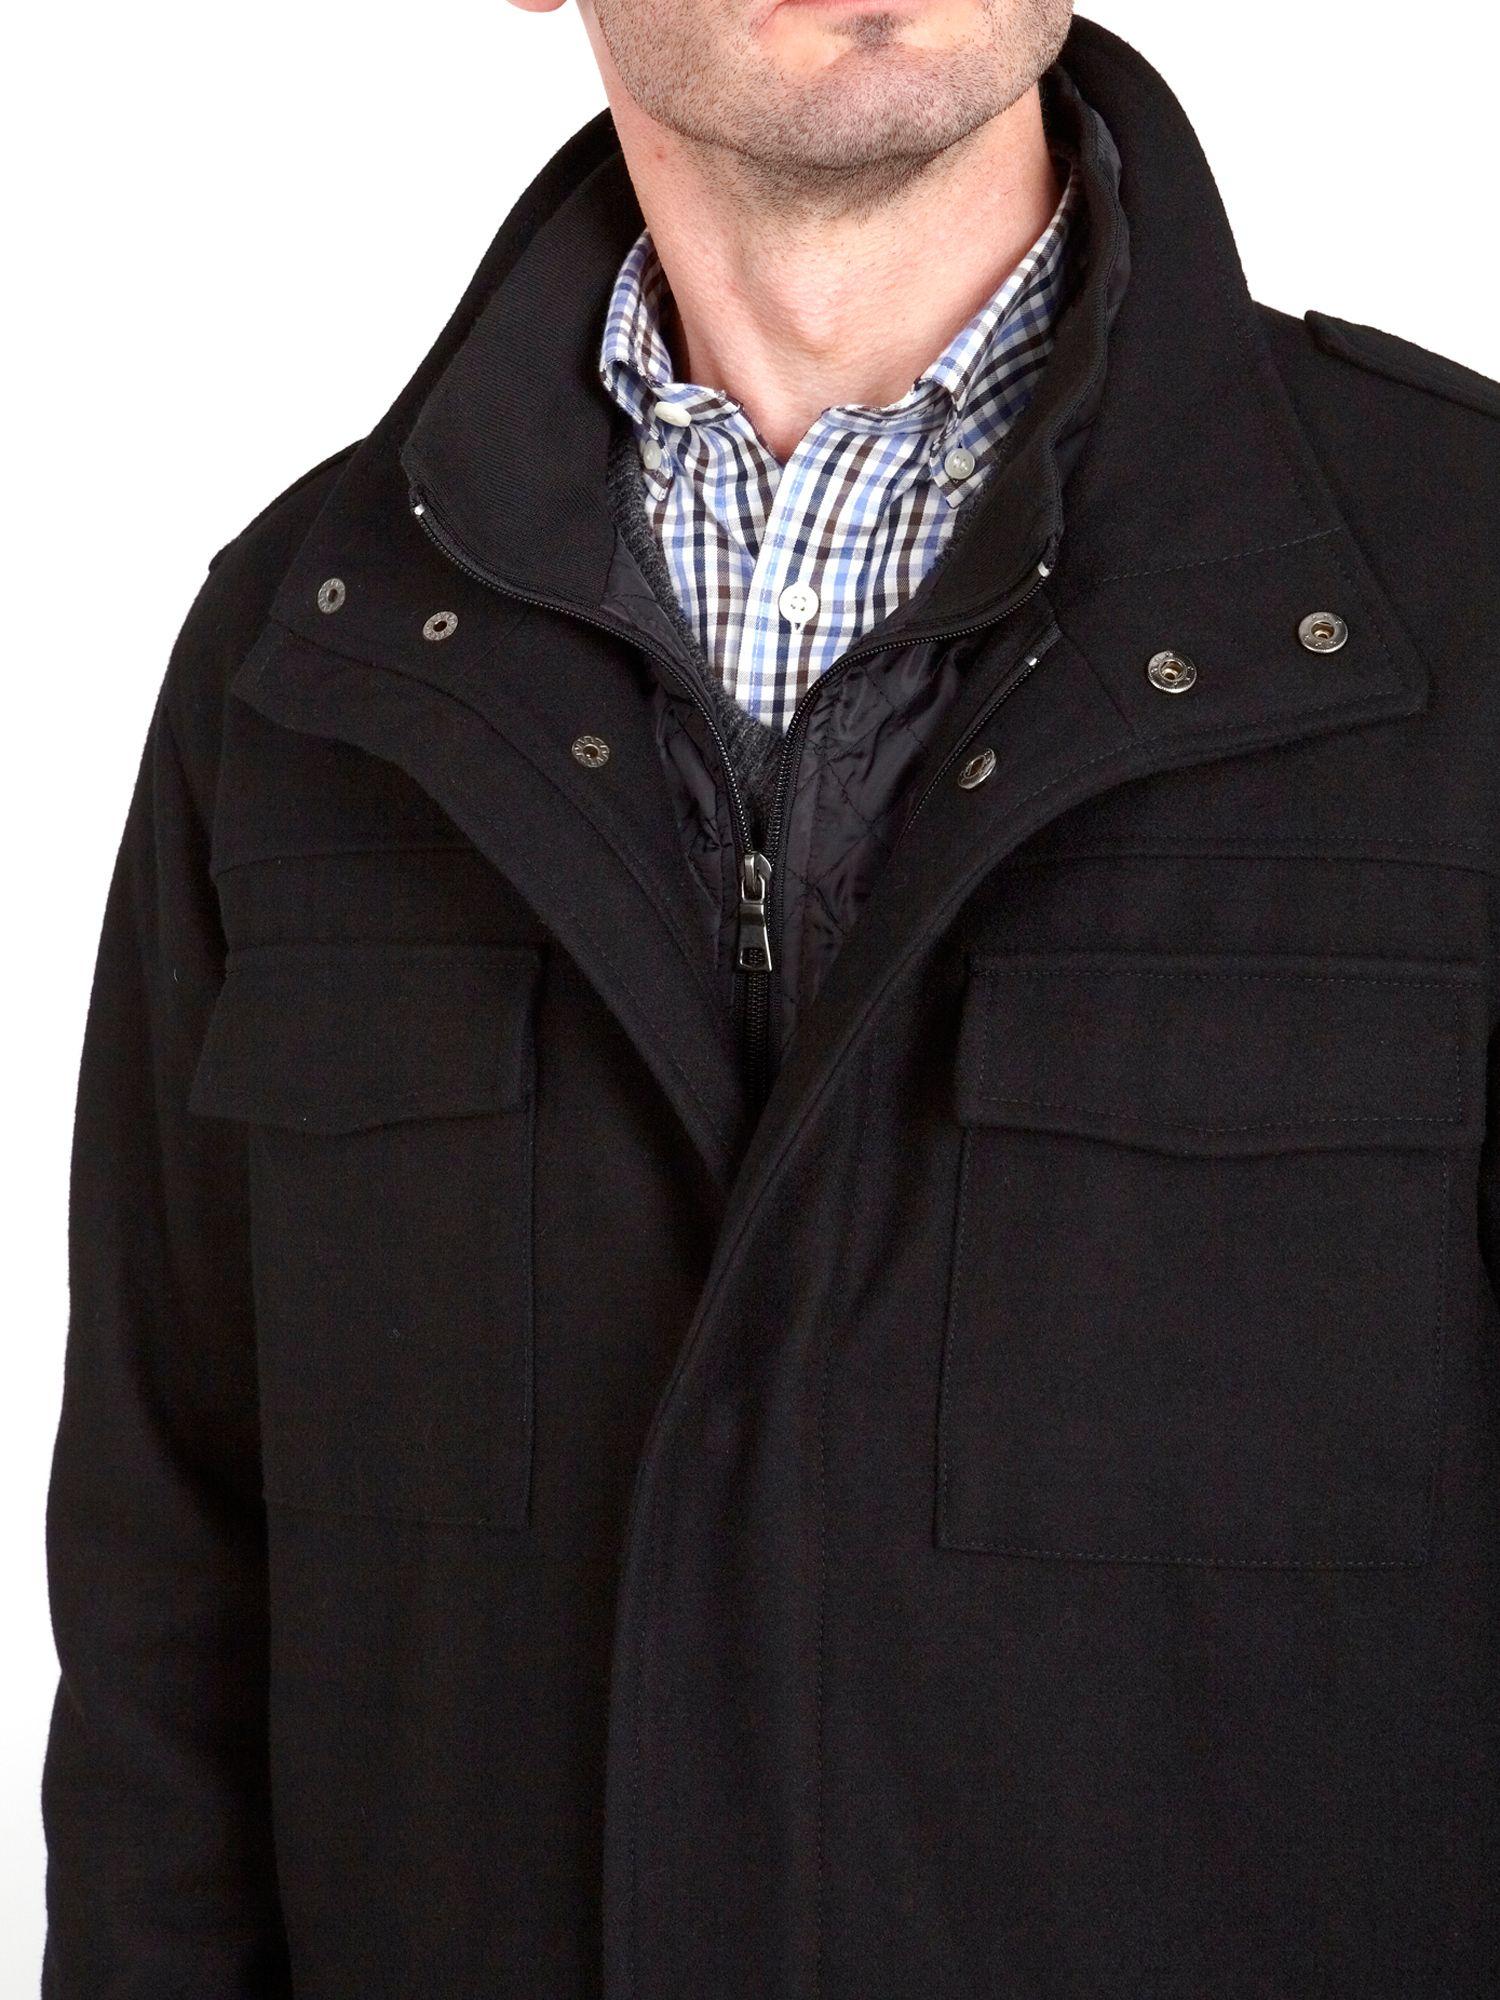 Skopes Matt Military Jacket in Black for Men